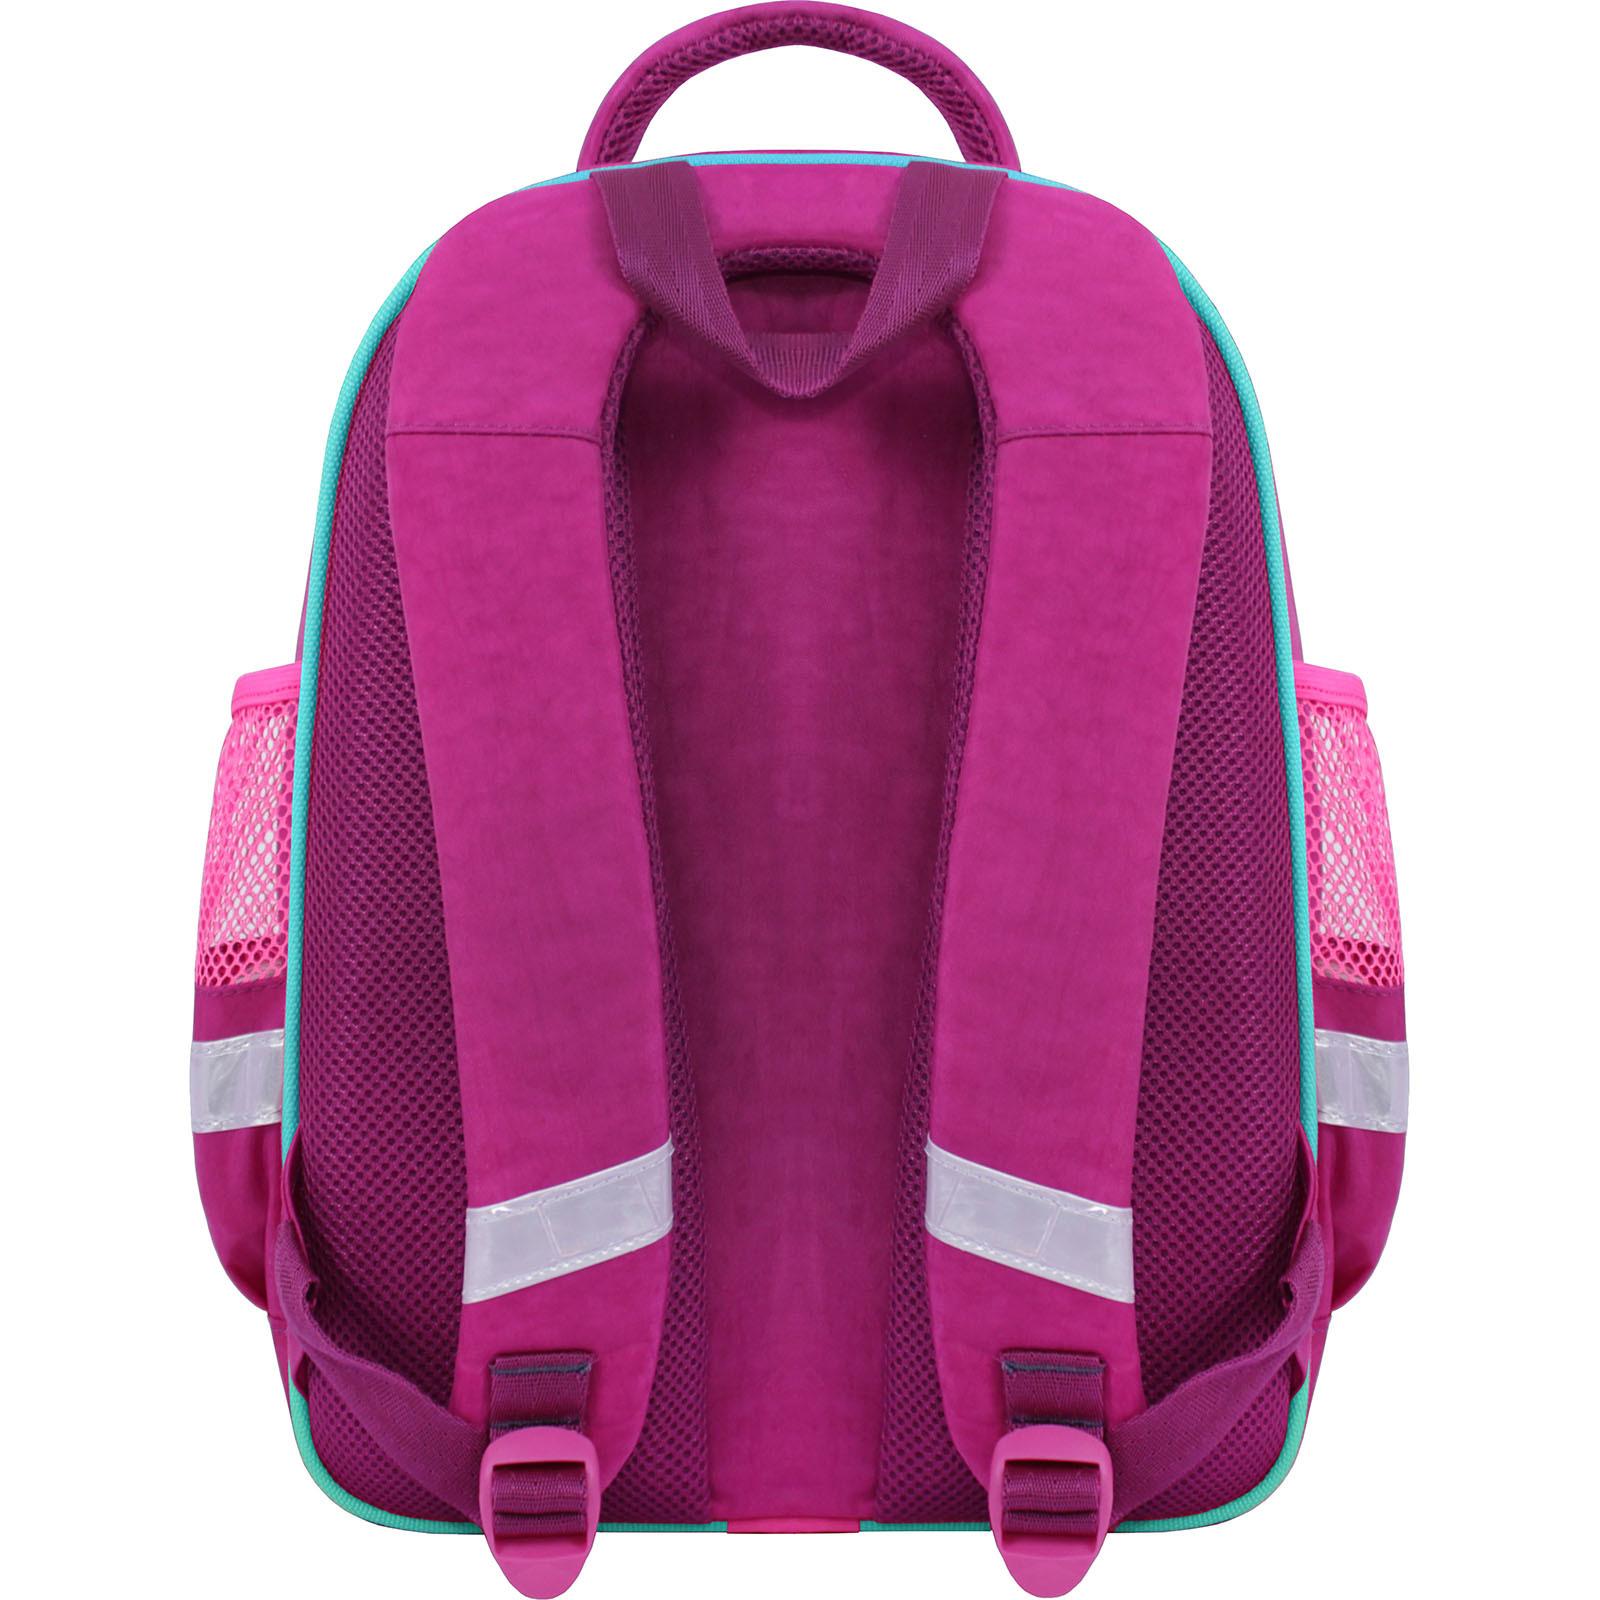 Рюкзак школьный Bagland Mouse 143 малиновый 617 (0051370) фото 3